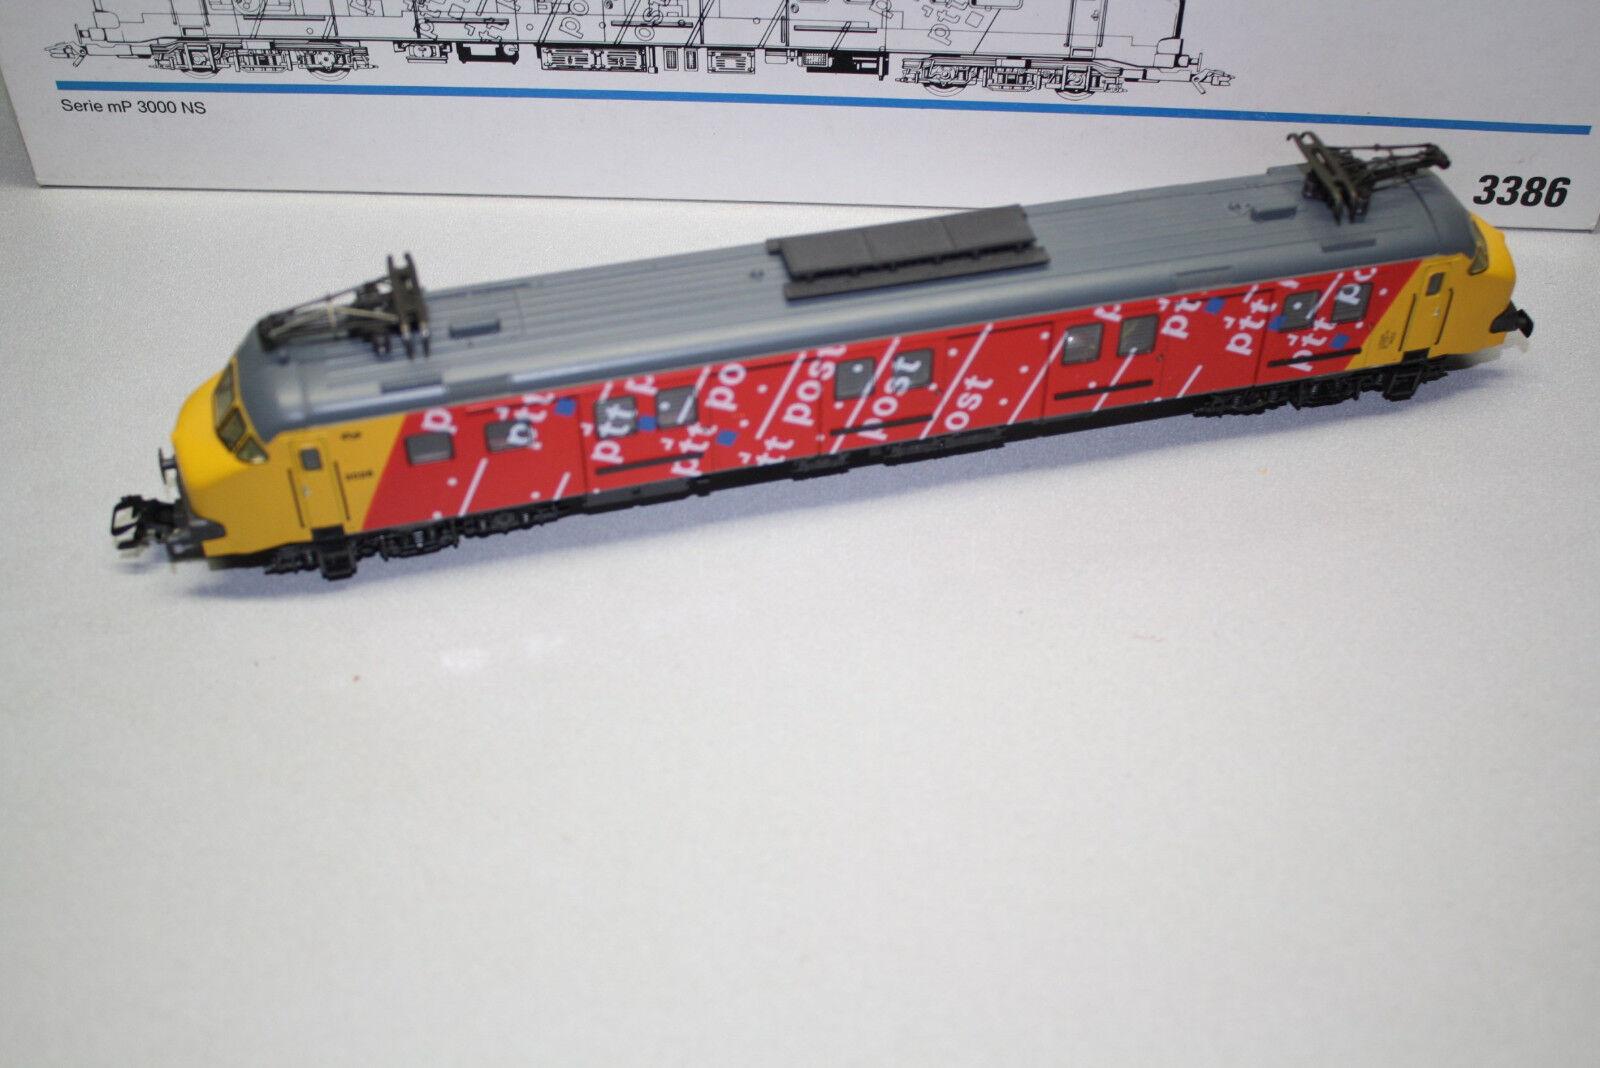 Märklin 3386 elok serie MP 3000 ns Spur h0 OVP